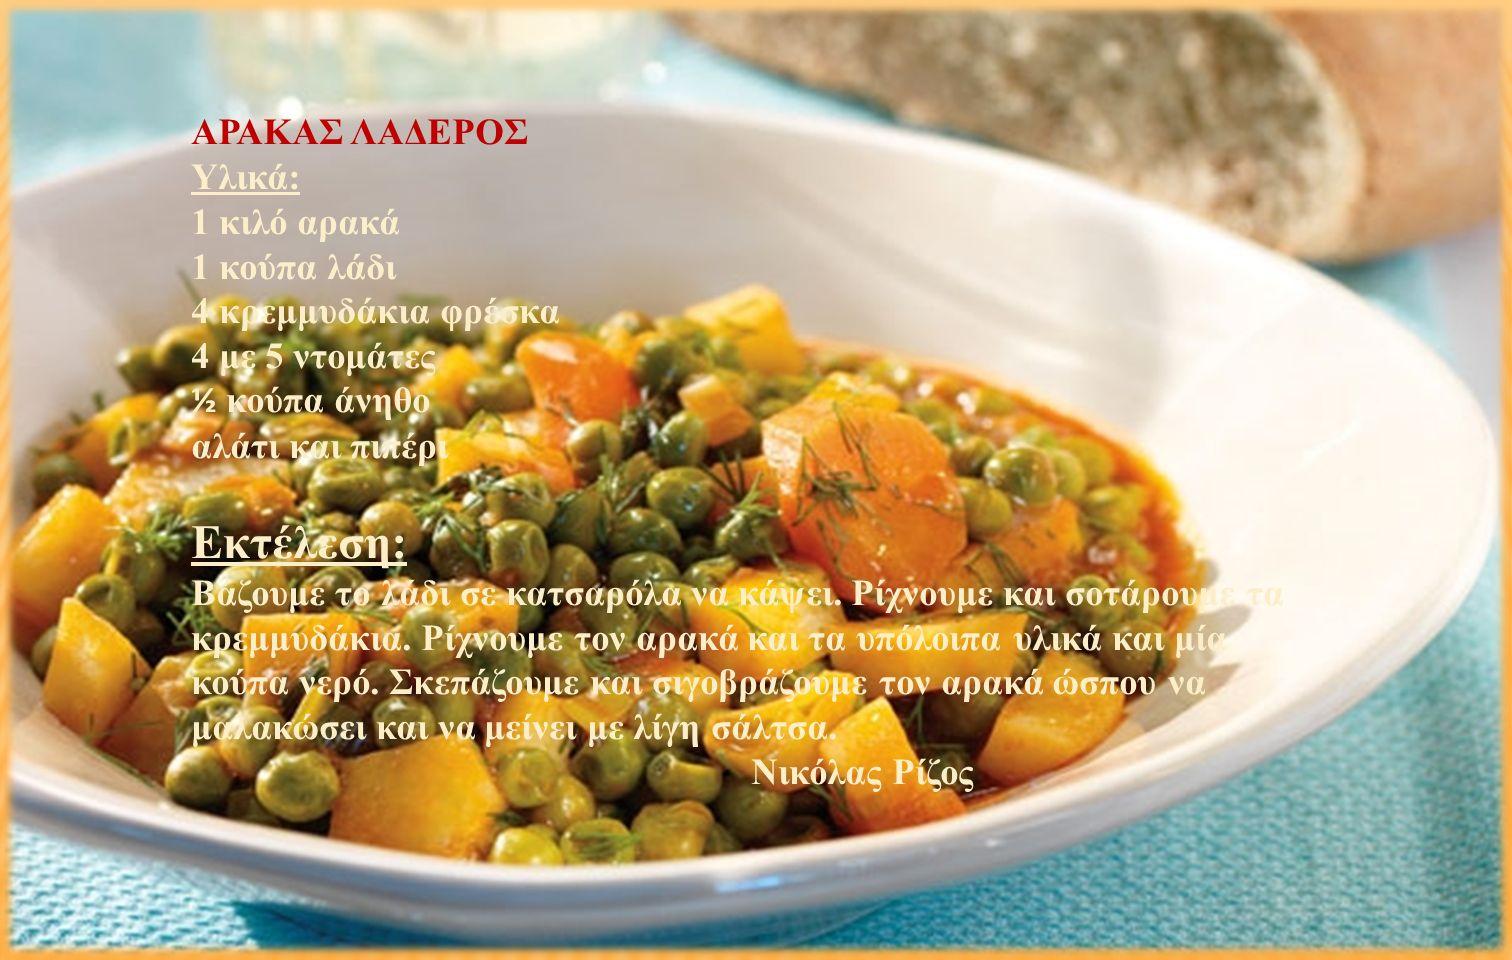 ΑΡΑΚΑΣ ΛΑΔΕΡΟΣ Υλικά: 1 κιλό αρακά 1 κούπα λάδι 4 κρεμμυδάκια φρέσκα 4 με 5 ντομάτες ½ κούπα άνηθο αλάτι και πιπέρι Εκτέλεση: Βάζουμε το λάδι σε κατσαρόλα να κάψει.